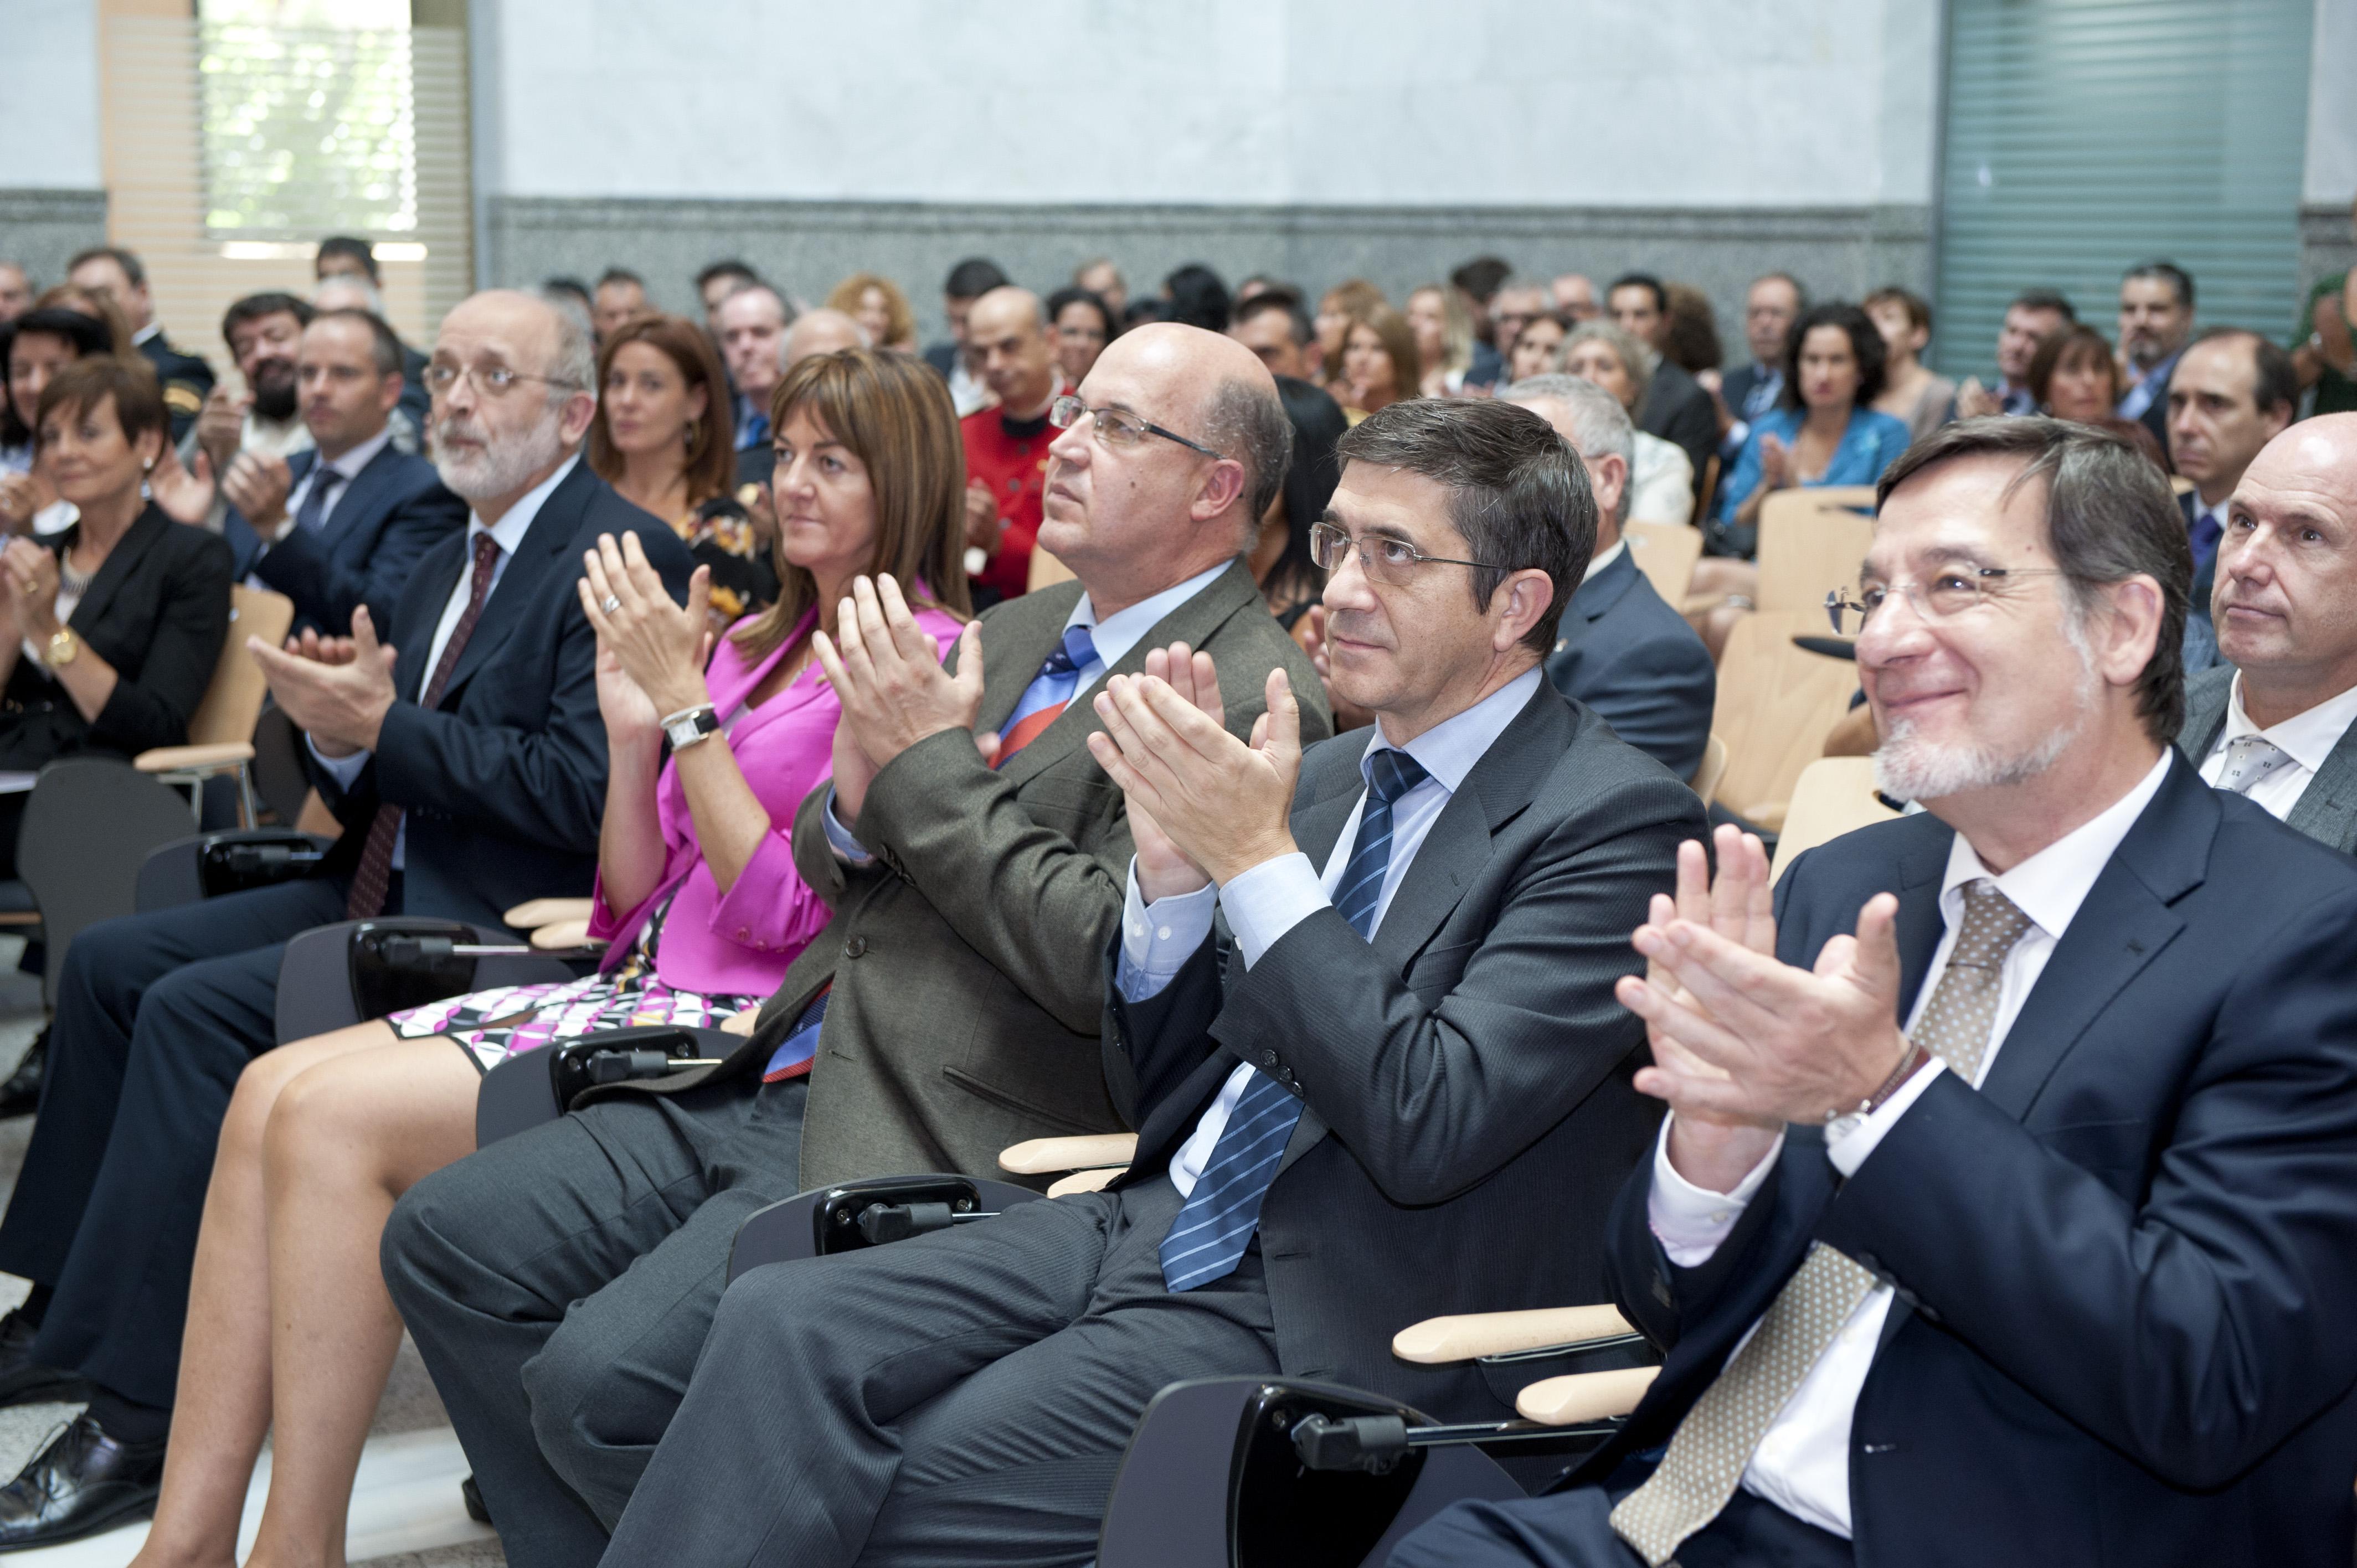 2012_09_24_lehen_judicial__092.jpg